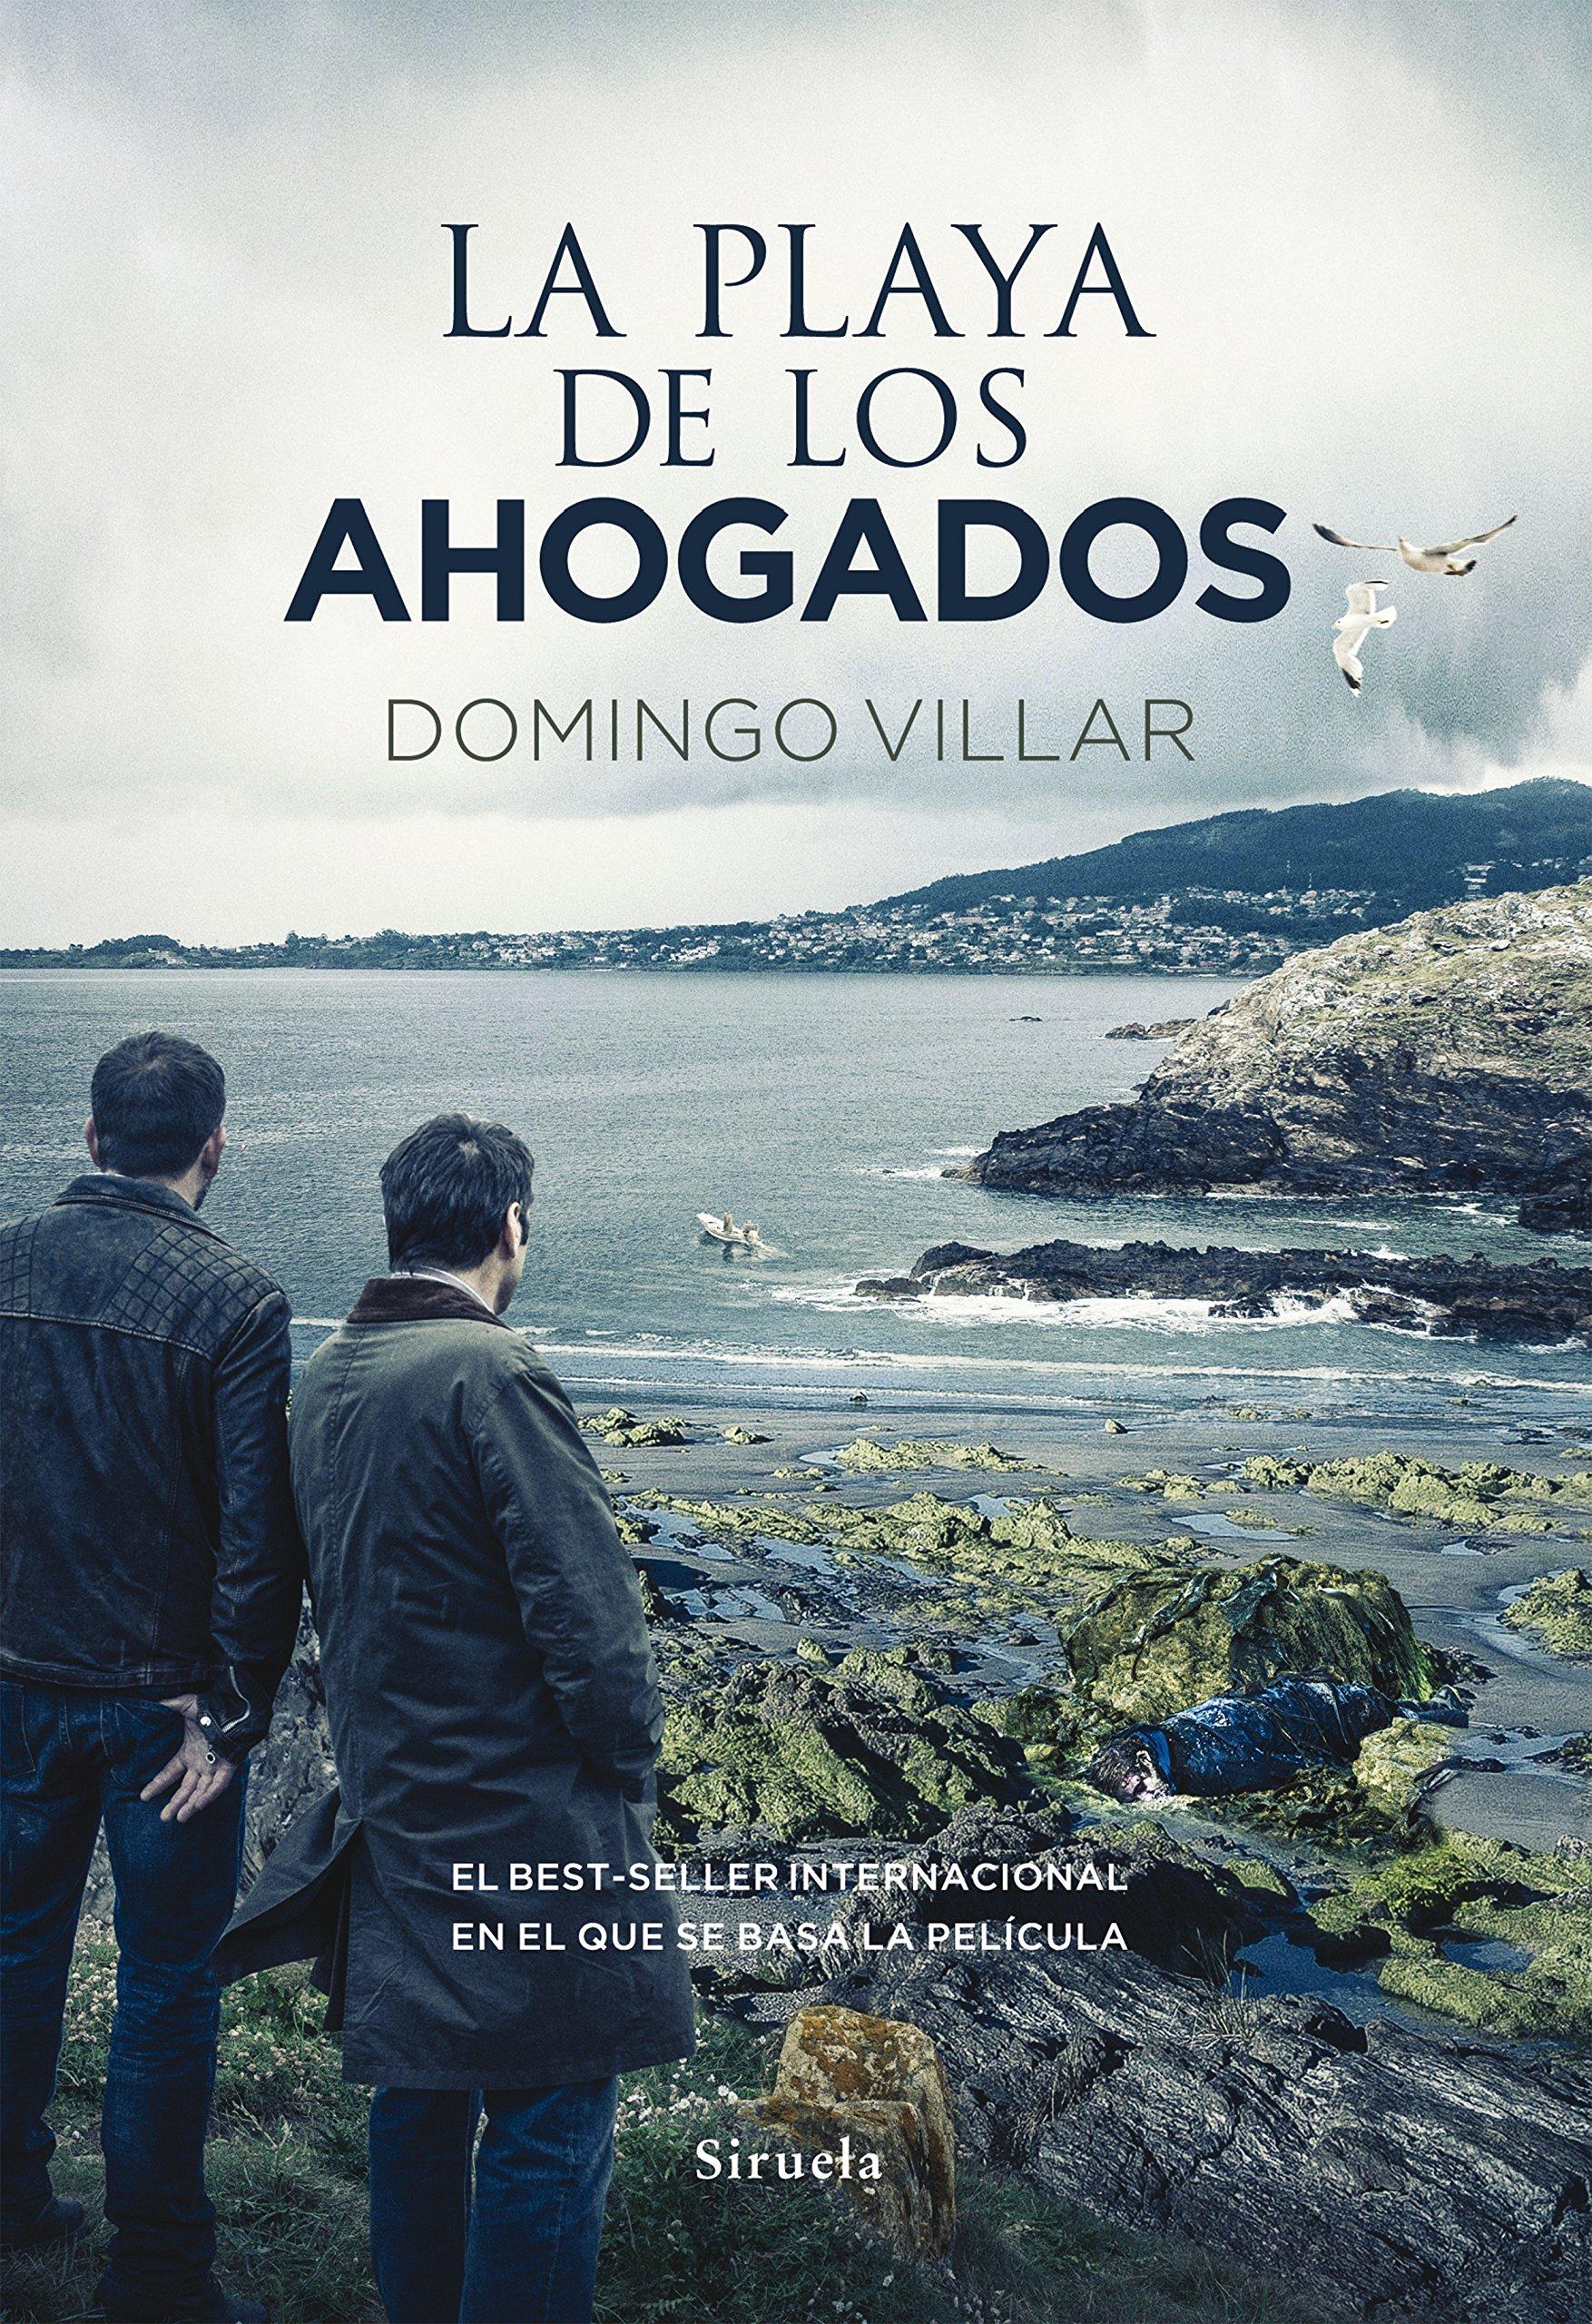 La playa de los ahogados (Nuevos Tiempos): Amazon.es: Domingo Villar: Libros